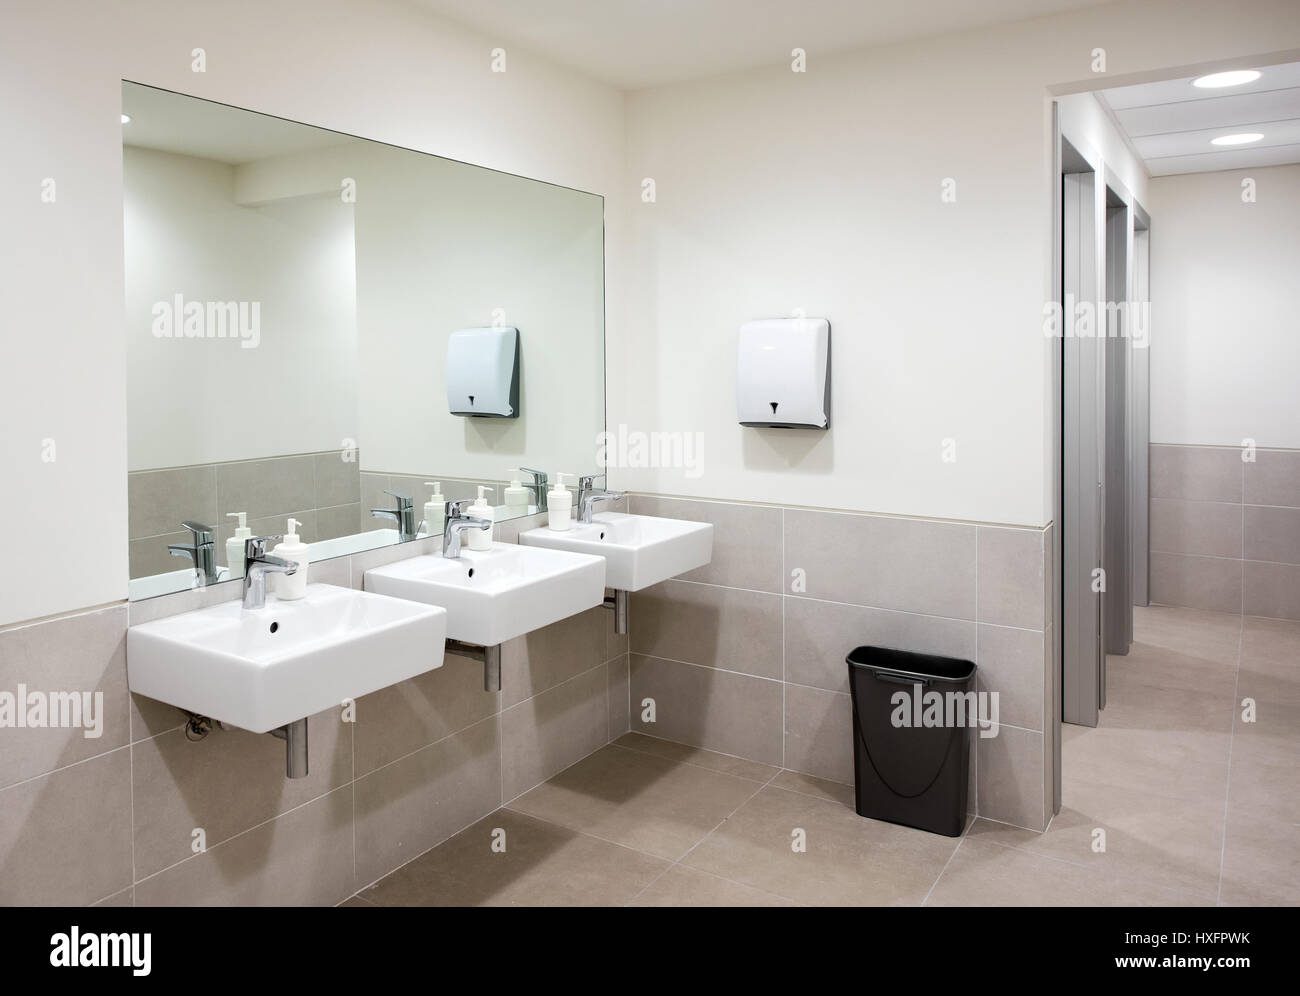 Public bathroom mirror Pub Toilet Public Bathroom Or Restroom With Row Of Three Hand Basins With Soap Dispensers Below Alamy Public Bathroom Mirror Stock Photos Public Bathroom Mirror Stock